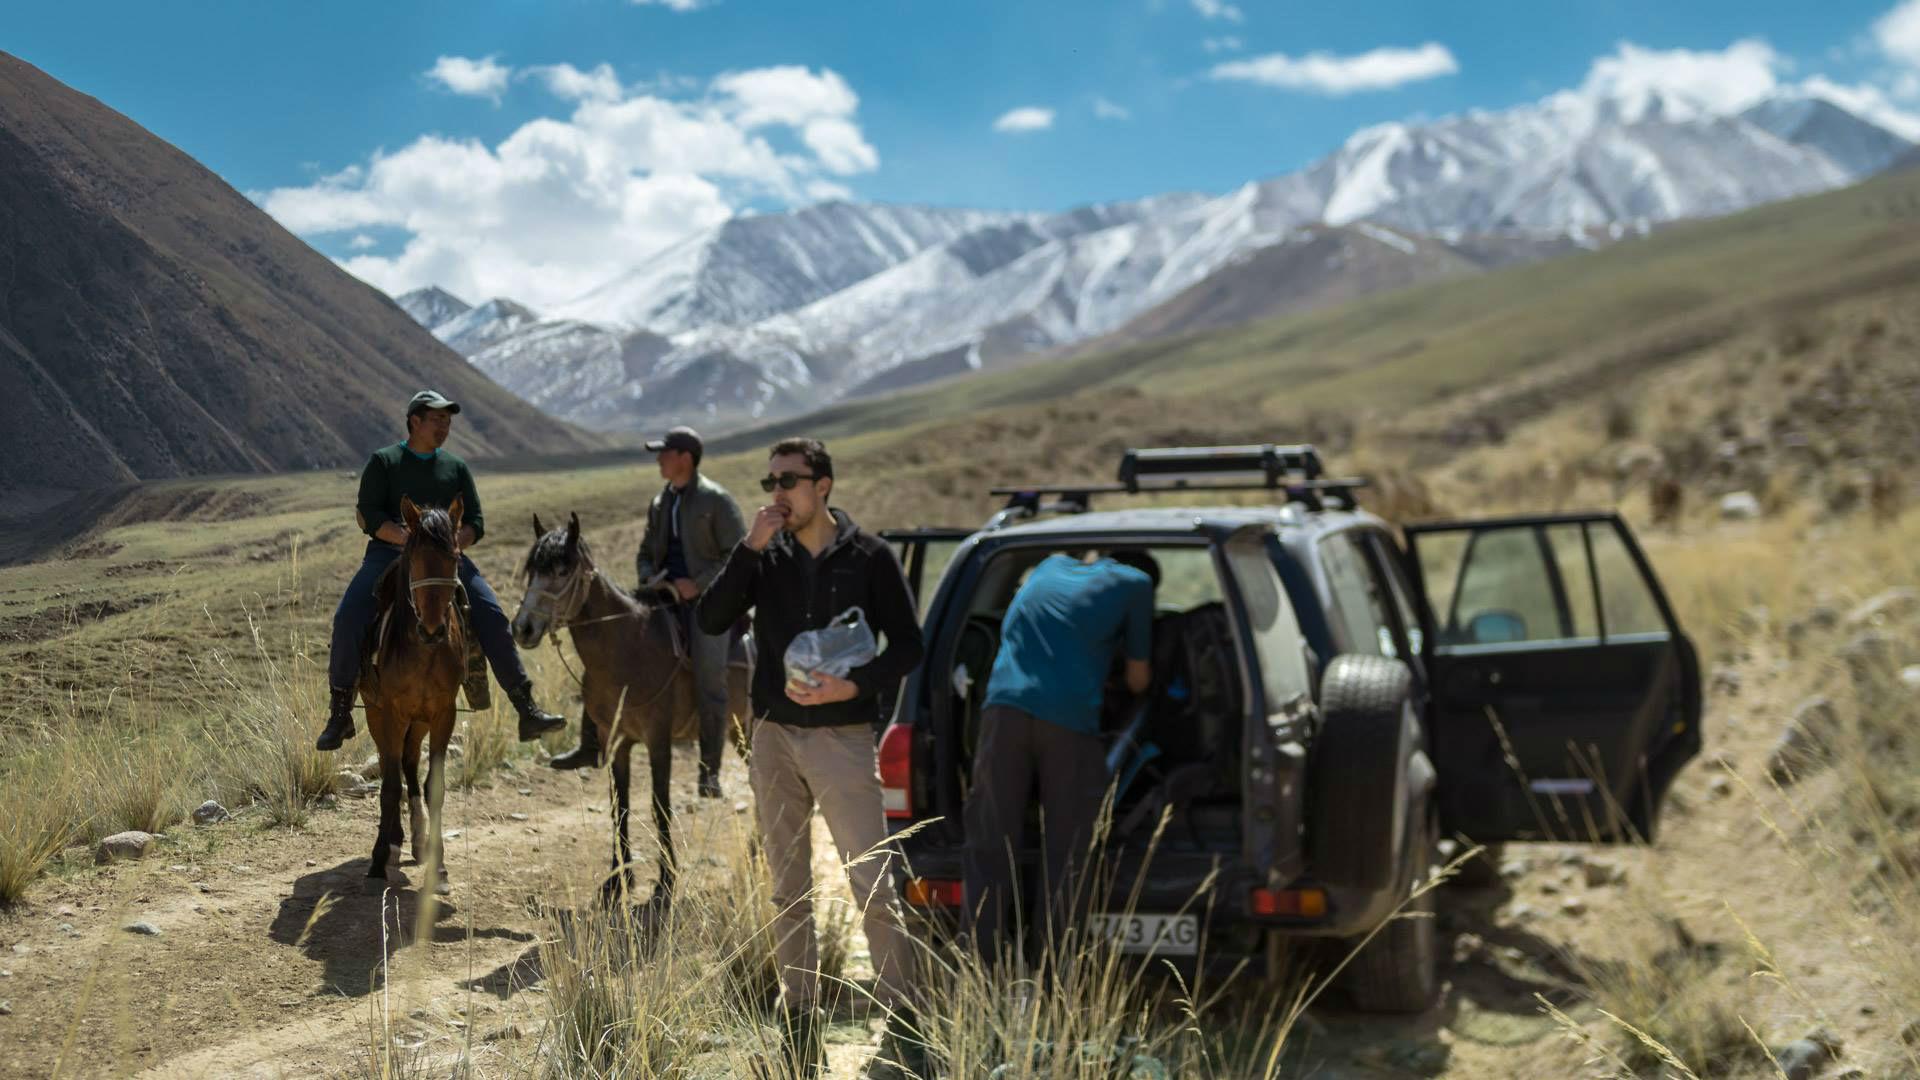 Durant leur périple, les deux frères devraient avoir l'occasion d'admirer des paysages extraordinaires, dont ils ont eu un avant-goût en Asie centrale.